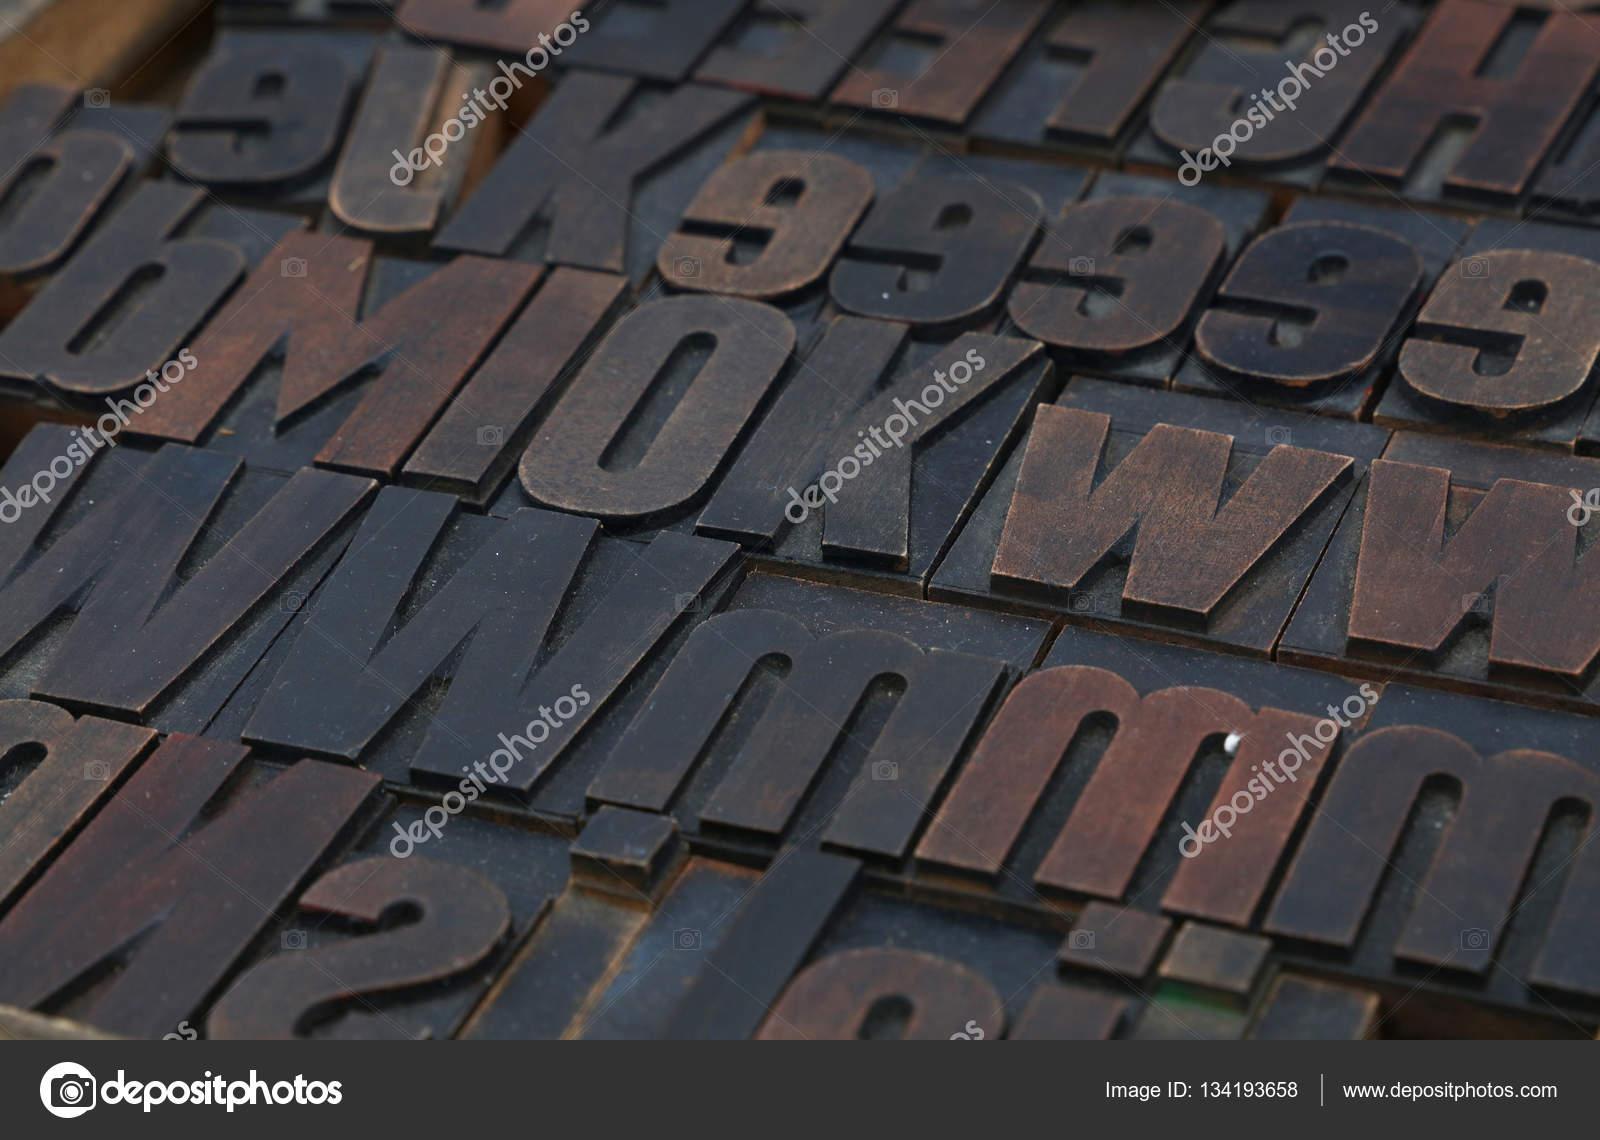 Vieux clichés d'imprimerie typographie vintage en bois